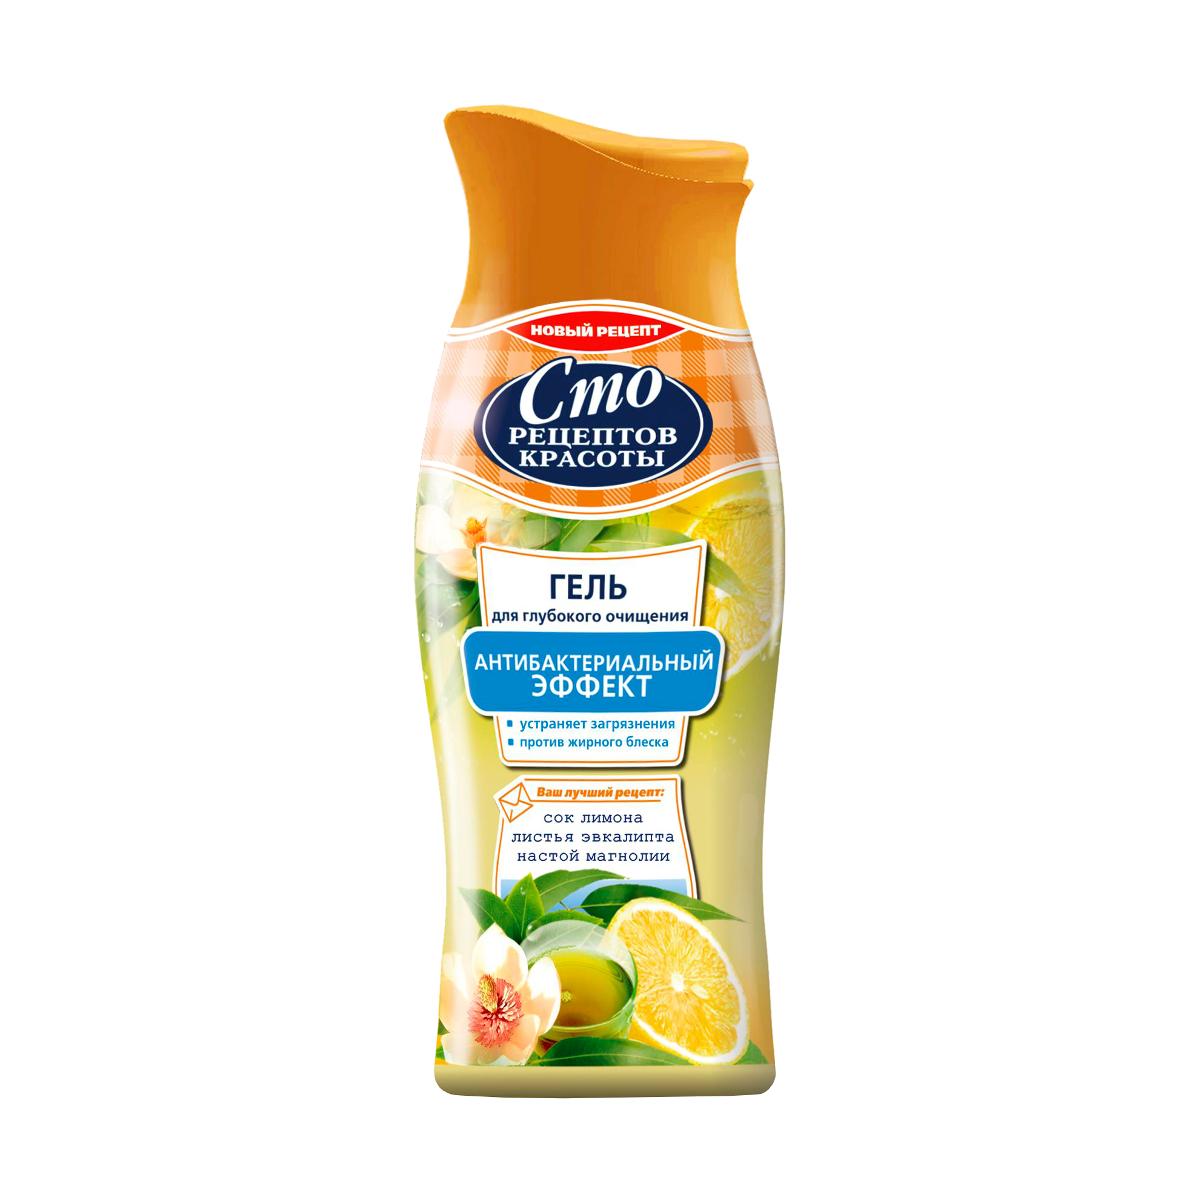 Сто рецептов красоты Гель для глубокого очищения Антибактериальный эффект 100 мл ( 110257231 )